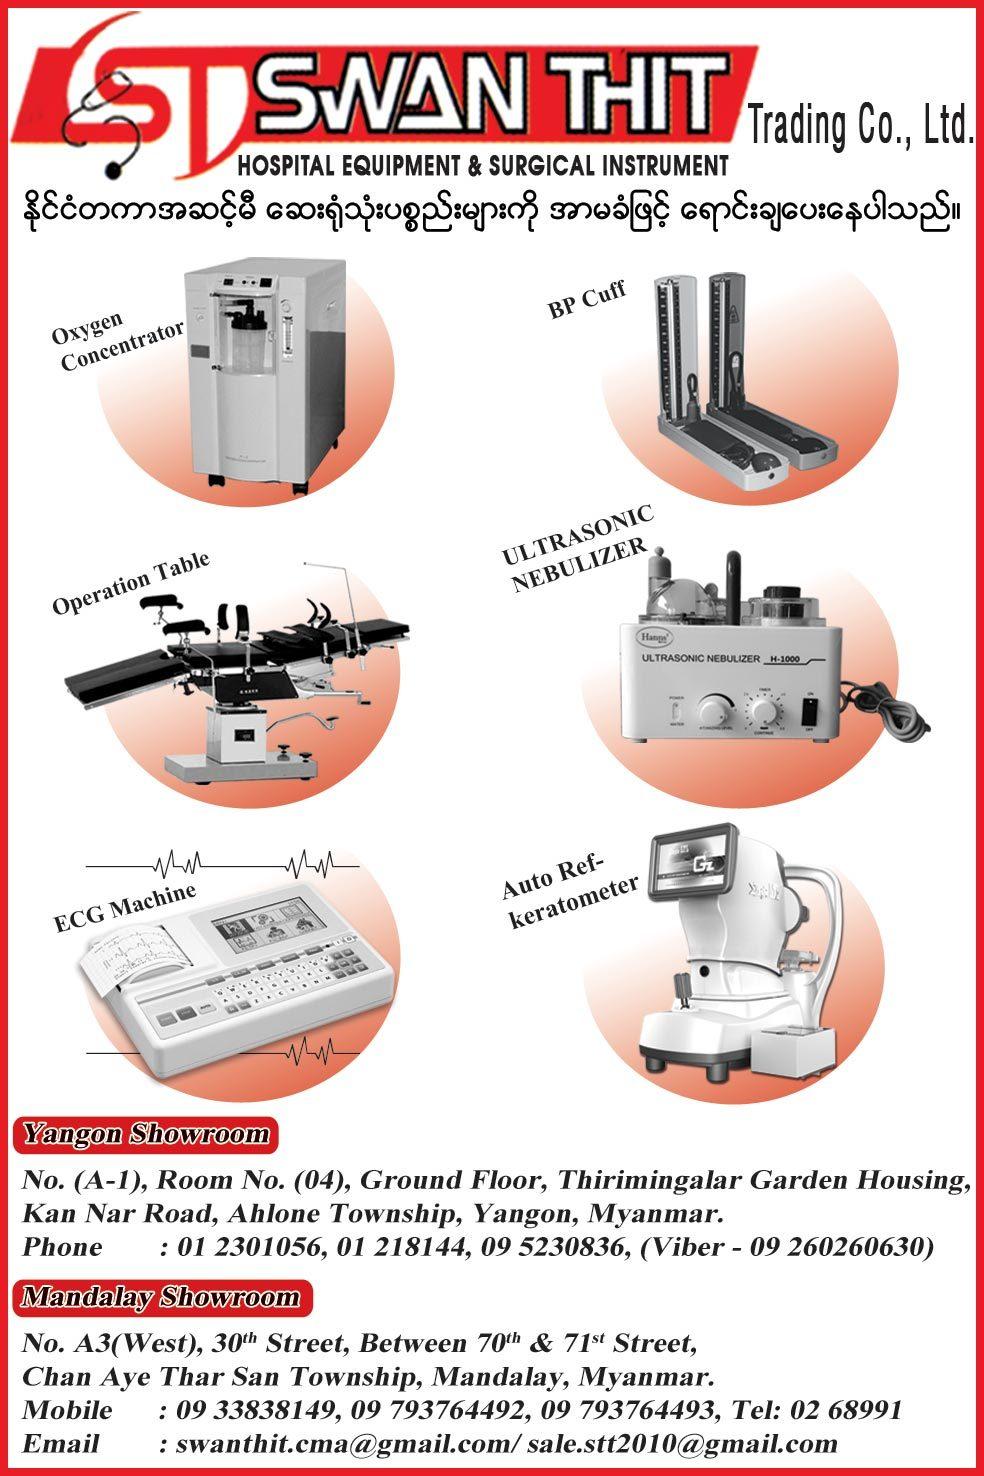 Swan-Thit-Trading-CoLtd_Medical-Equipment_3497.jpg